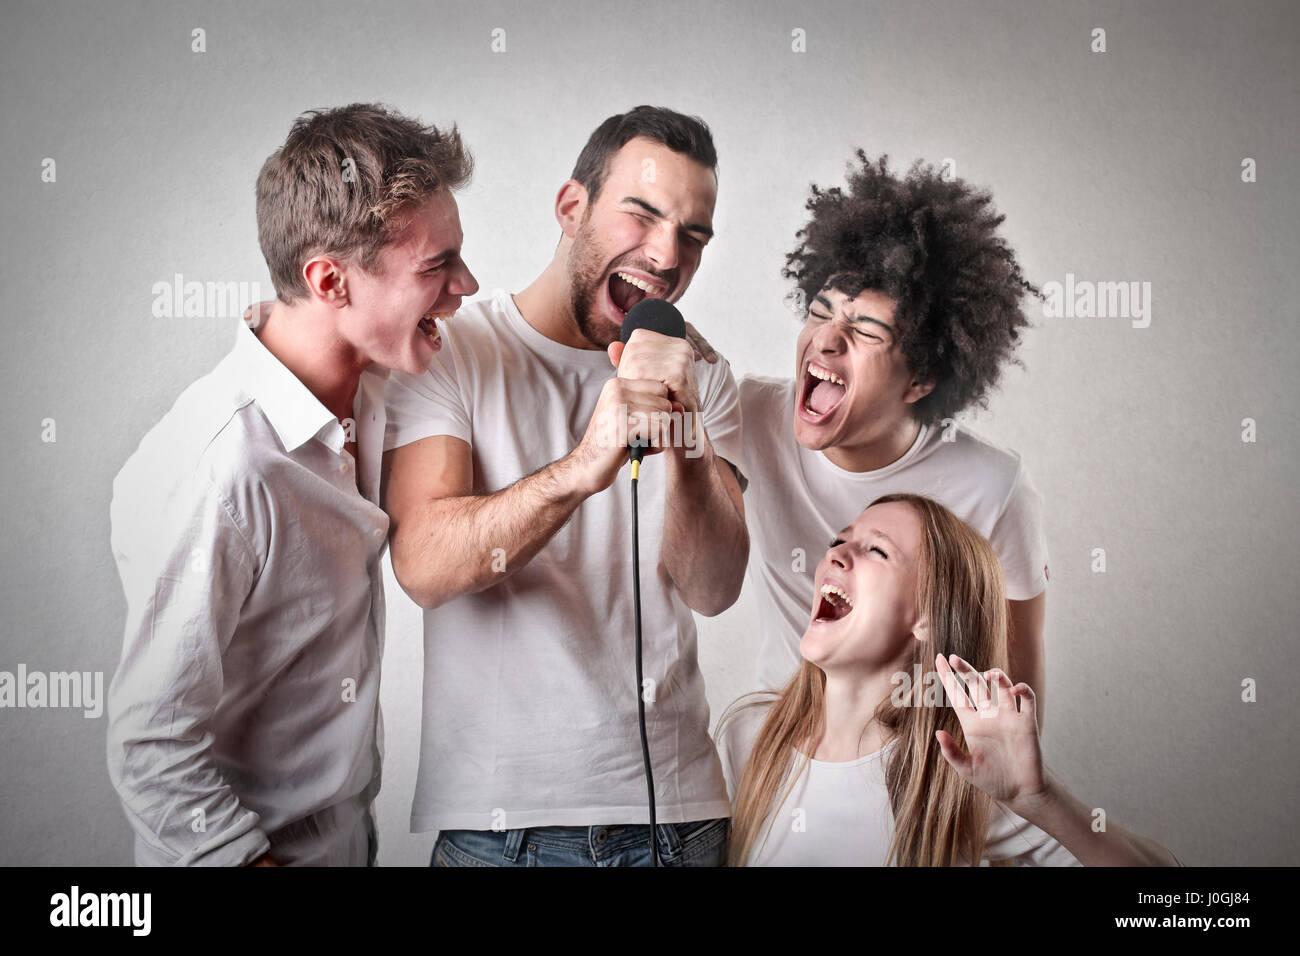 3 hombres y una mujer cantando Imagen De Stock